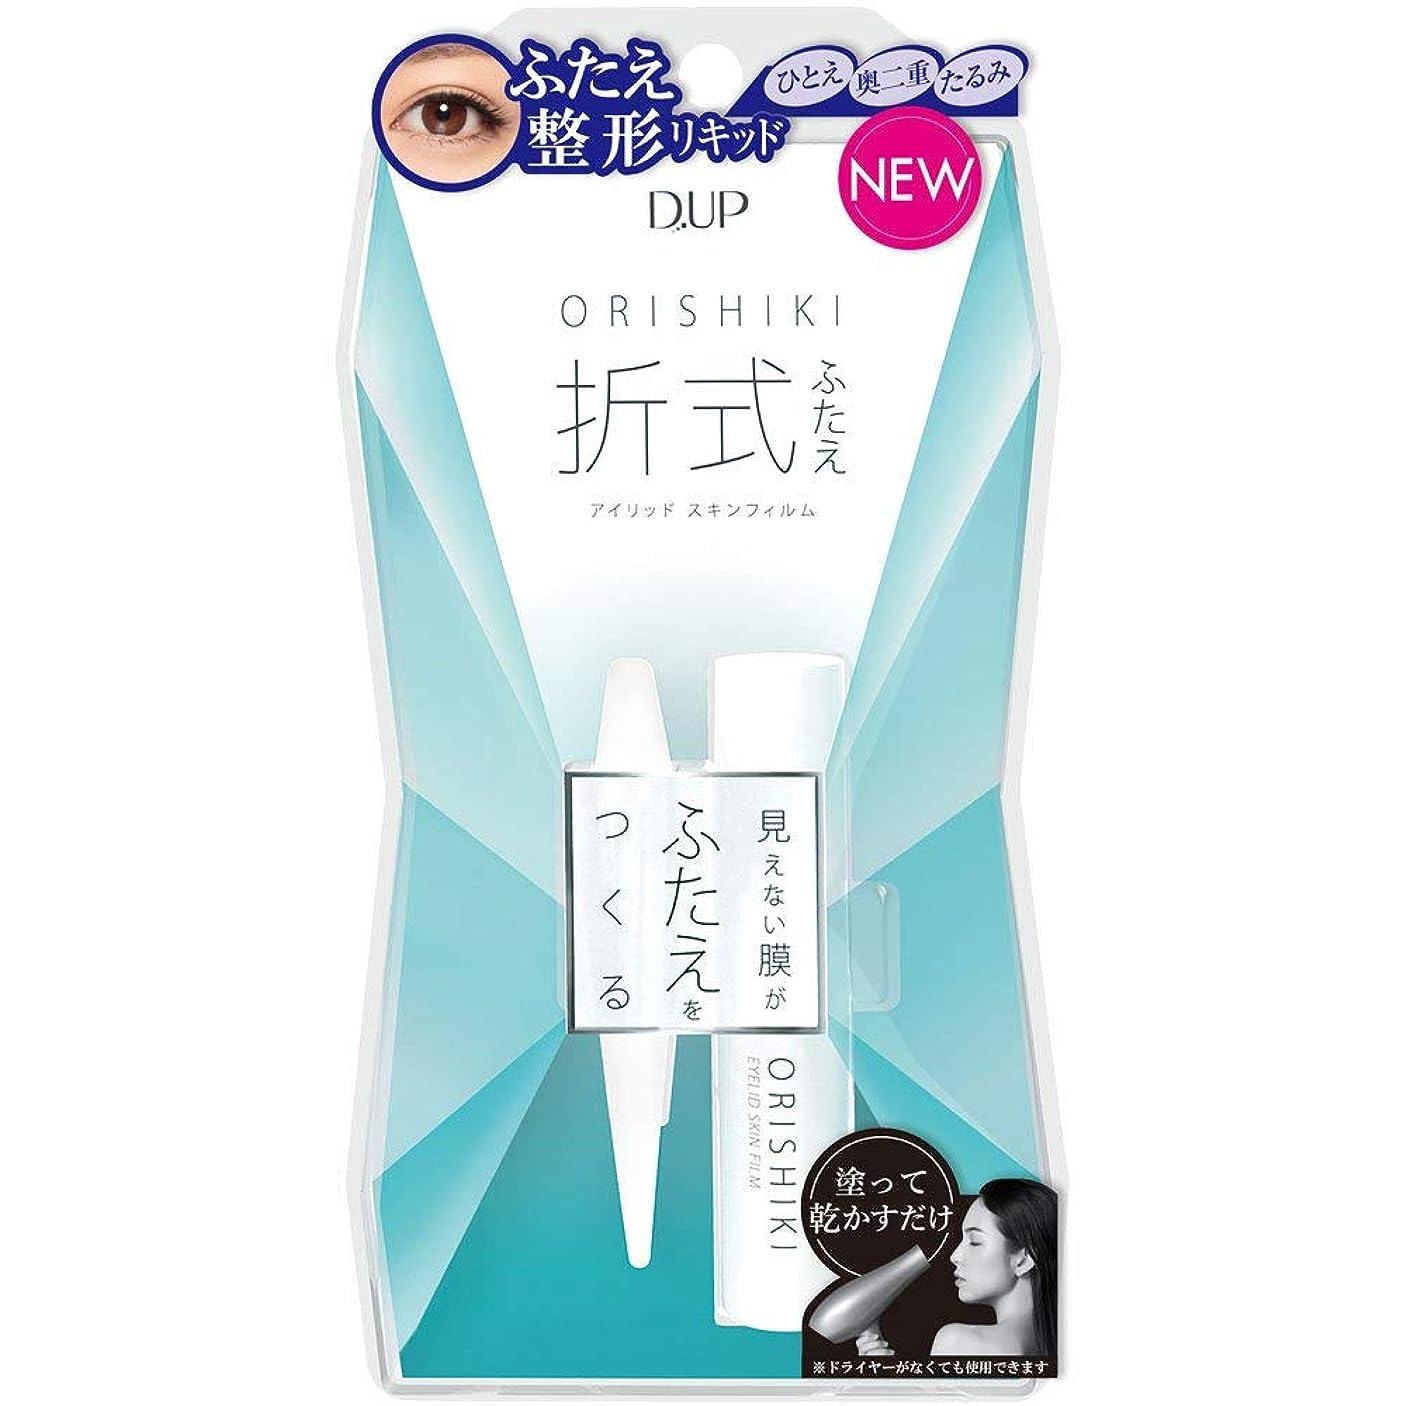 異形正統派カエルD-UP オリシキ アイリッドスキンフィルム (4mL)